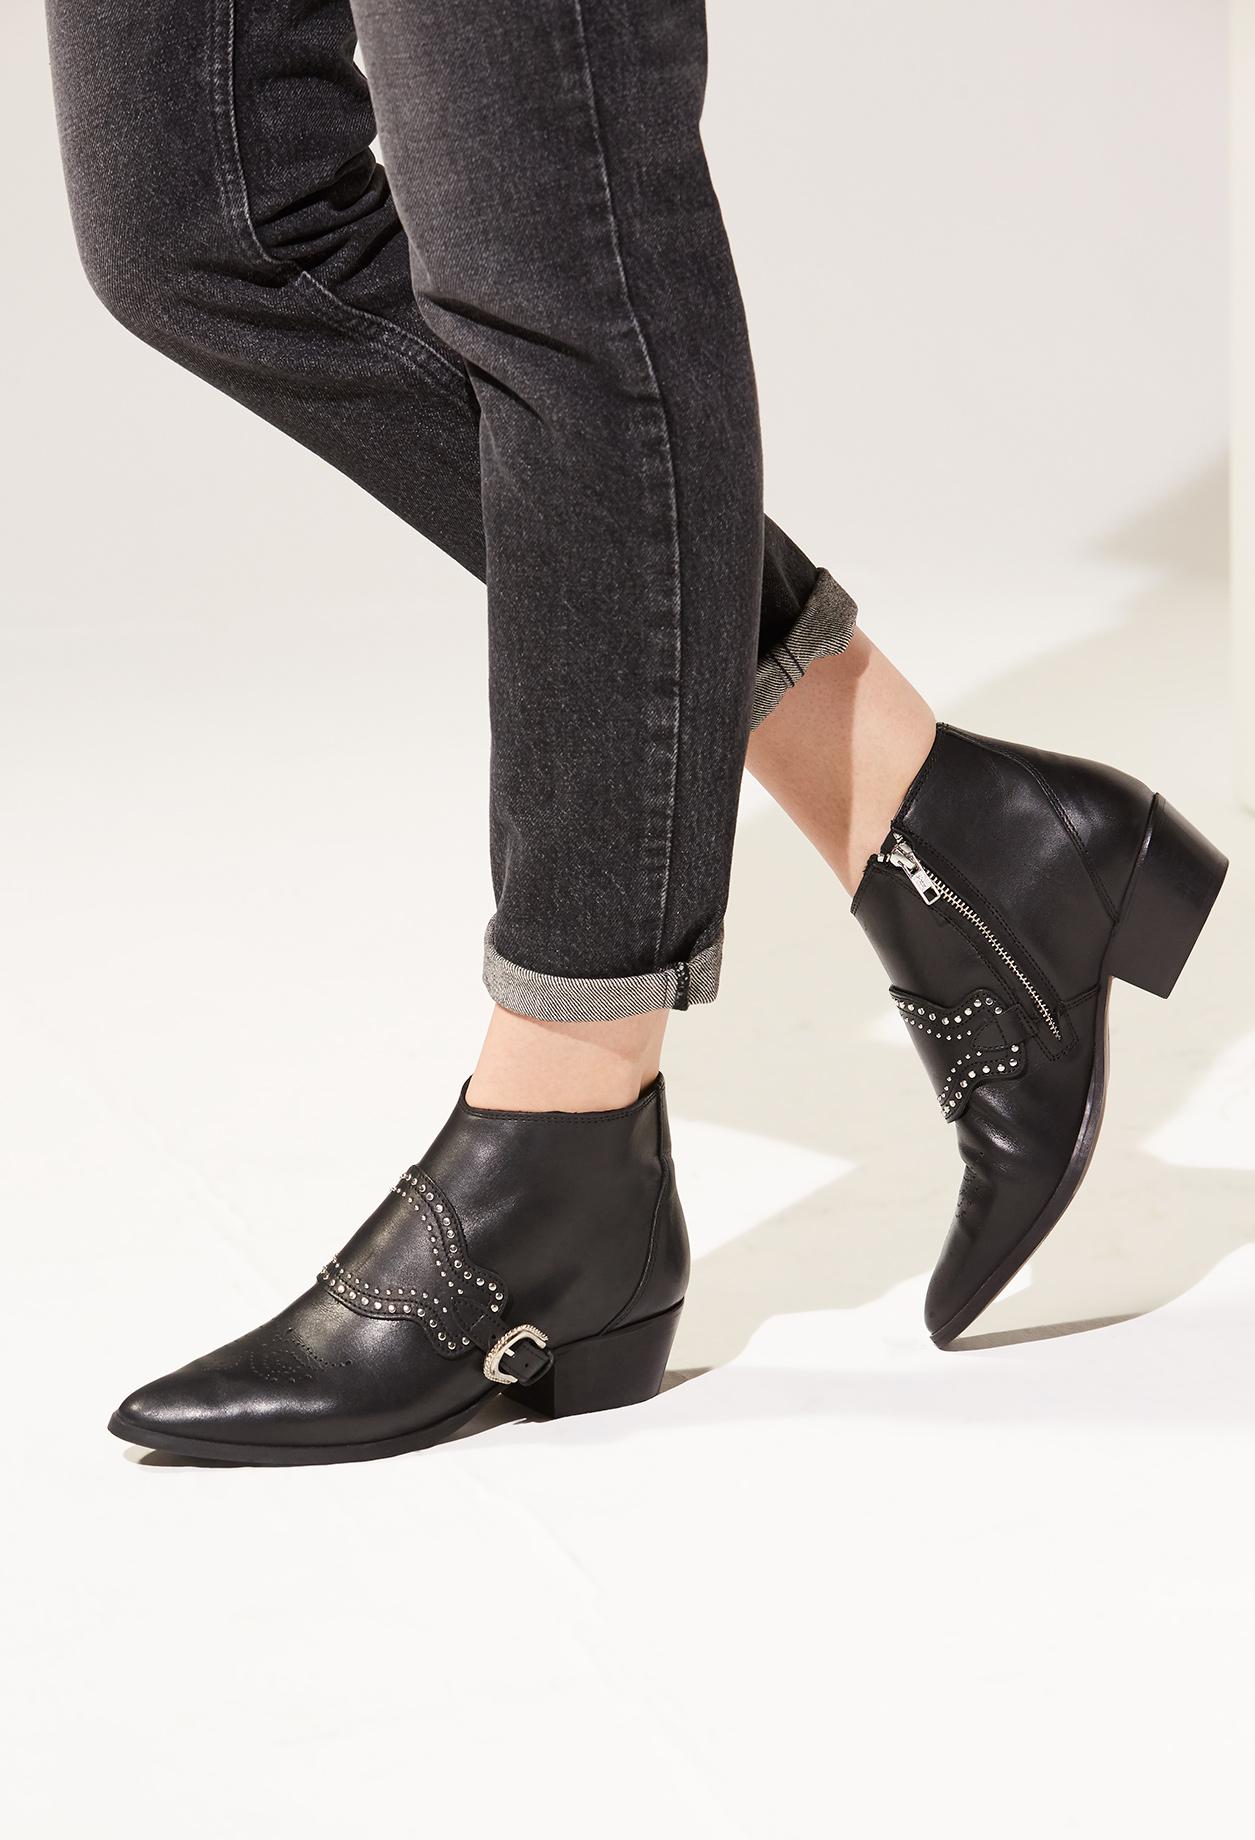 promo code e6a6a a88b3 Chaussures à lacets CLAUDIE PIERLOT cuir noir 36 tnSElvV3